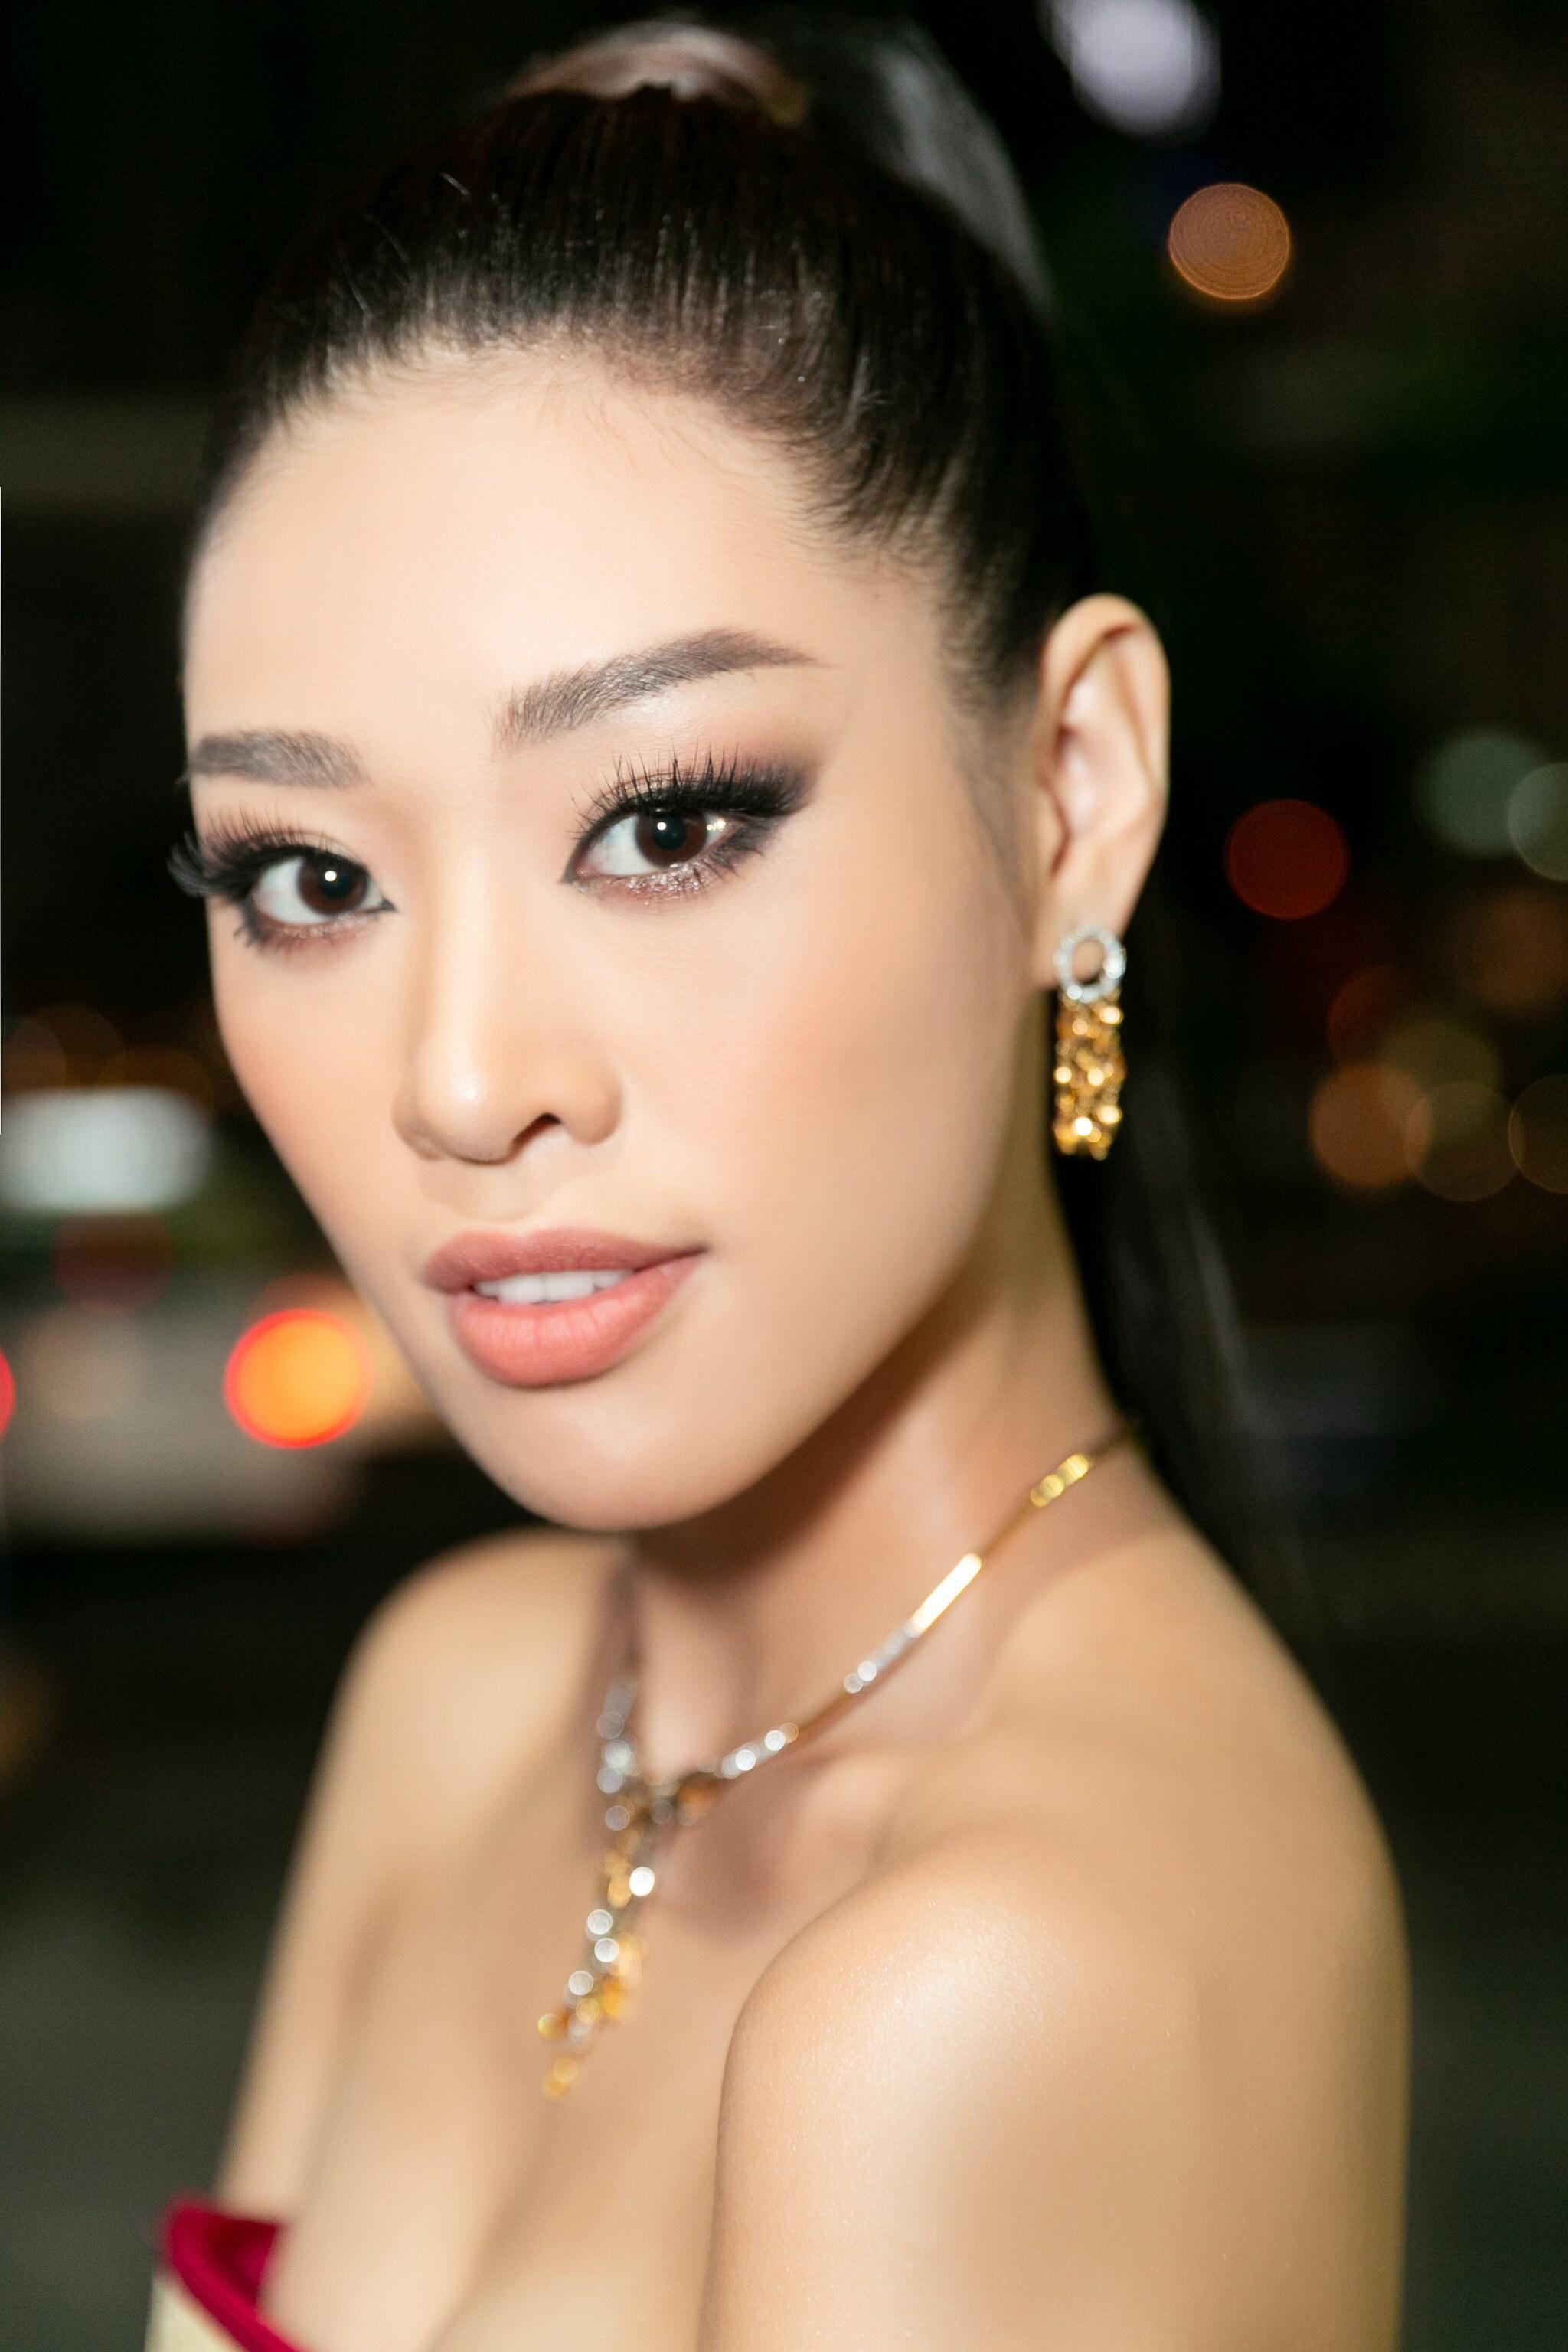 Hoa hậu Khánh Vân mang cả 'làng chiếu cói' lên thảm đỏ Ảnh 1